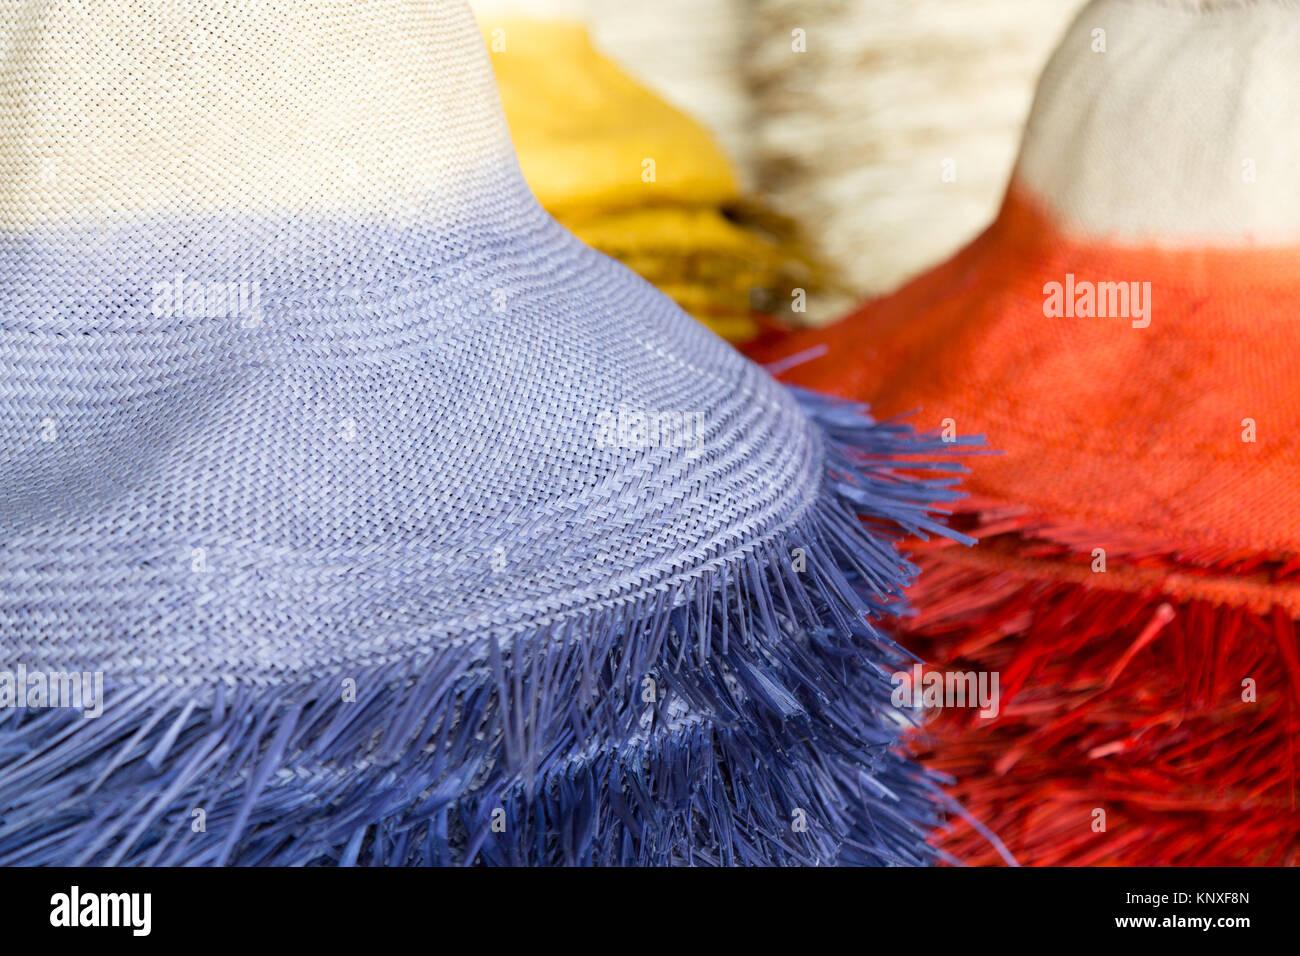 Panama cappelli colorati - Panama cappelli essendo realizzati in un  cappello di Panama in fabbrica 2e6ae05edb30